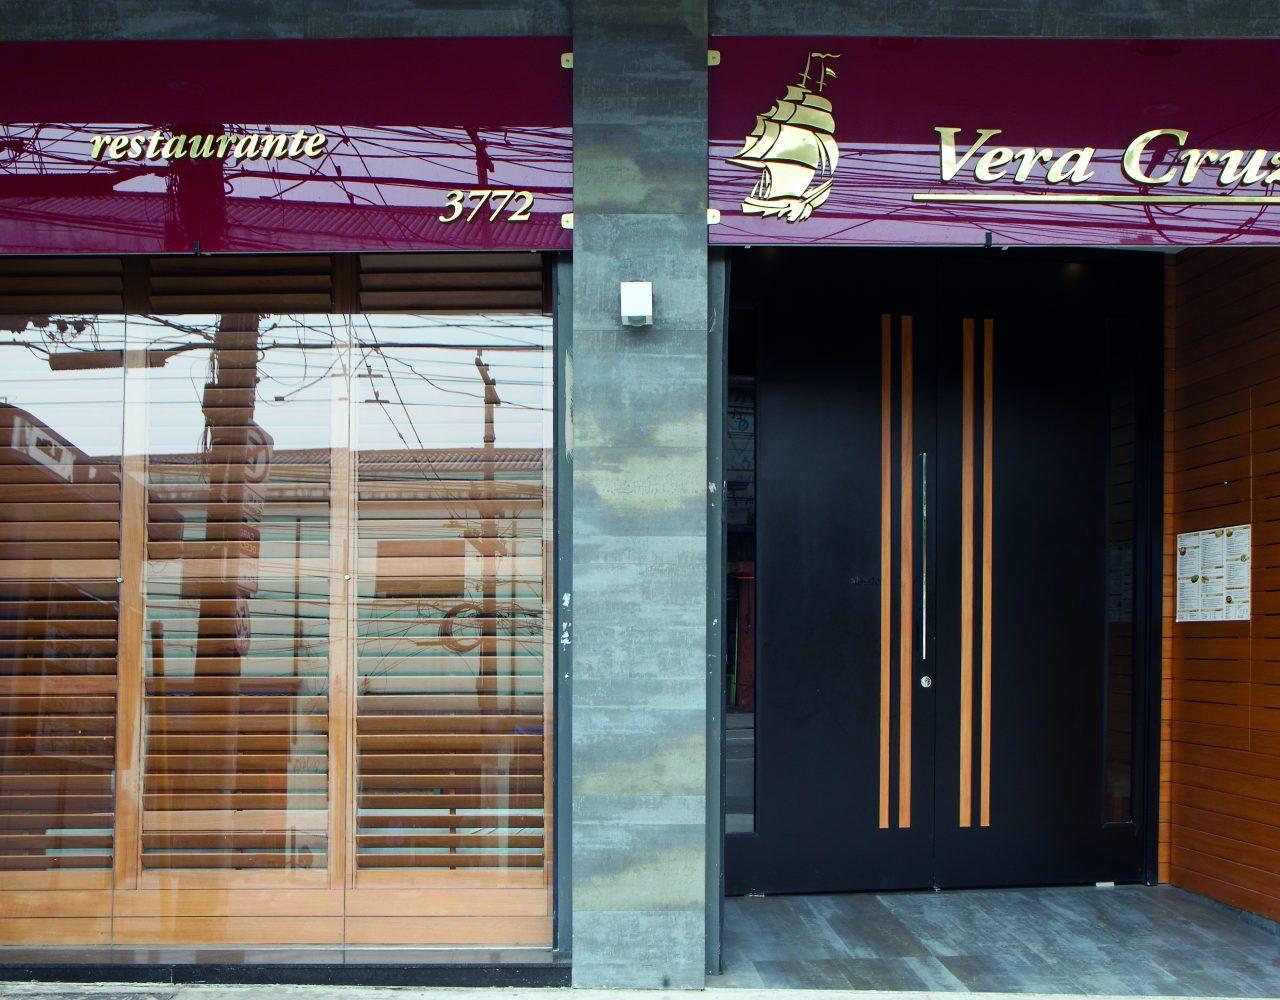 restaurante98 1280x1000 - CORPORATIVO RESTAURANTE VERA CRUZ